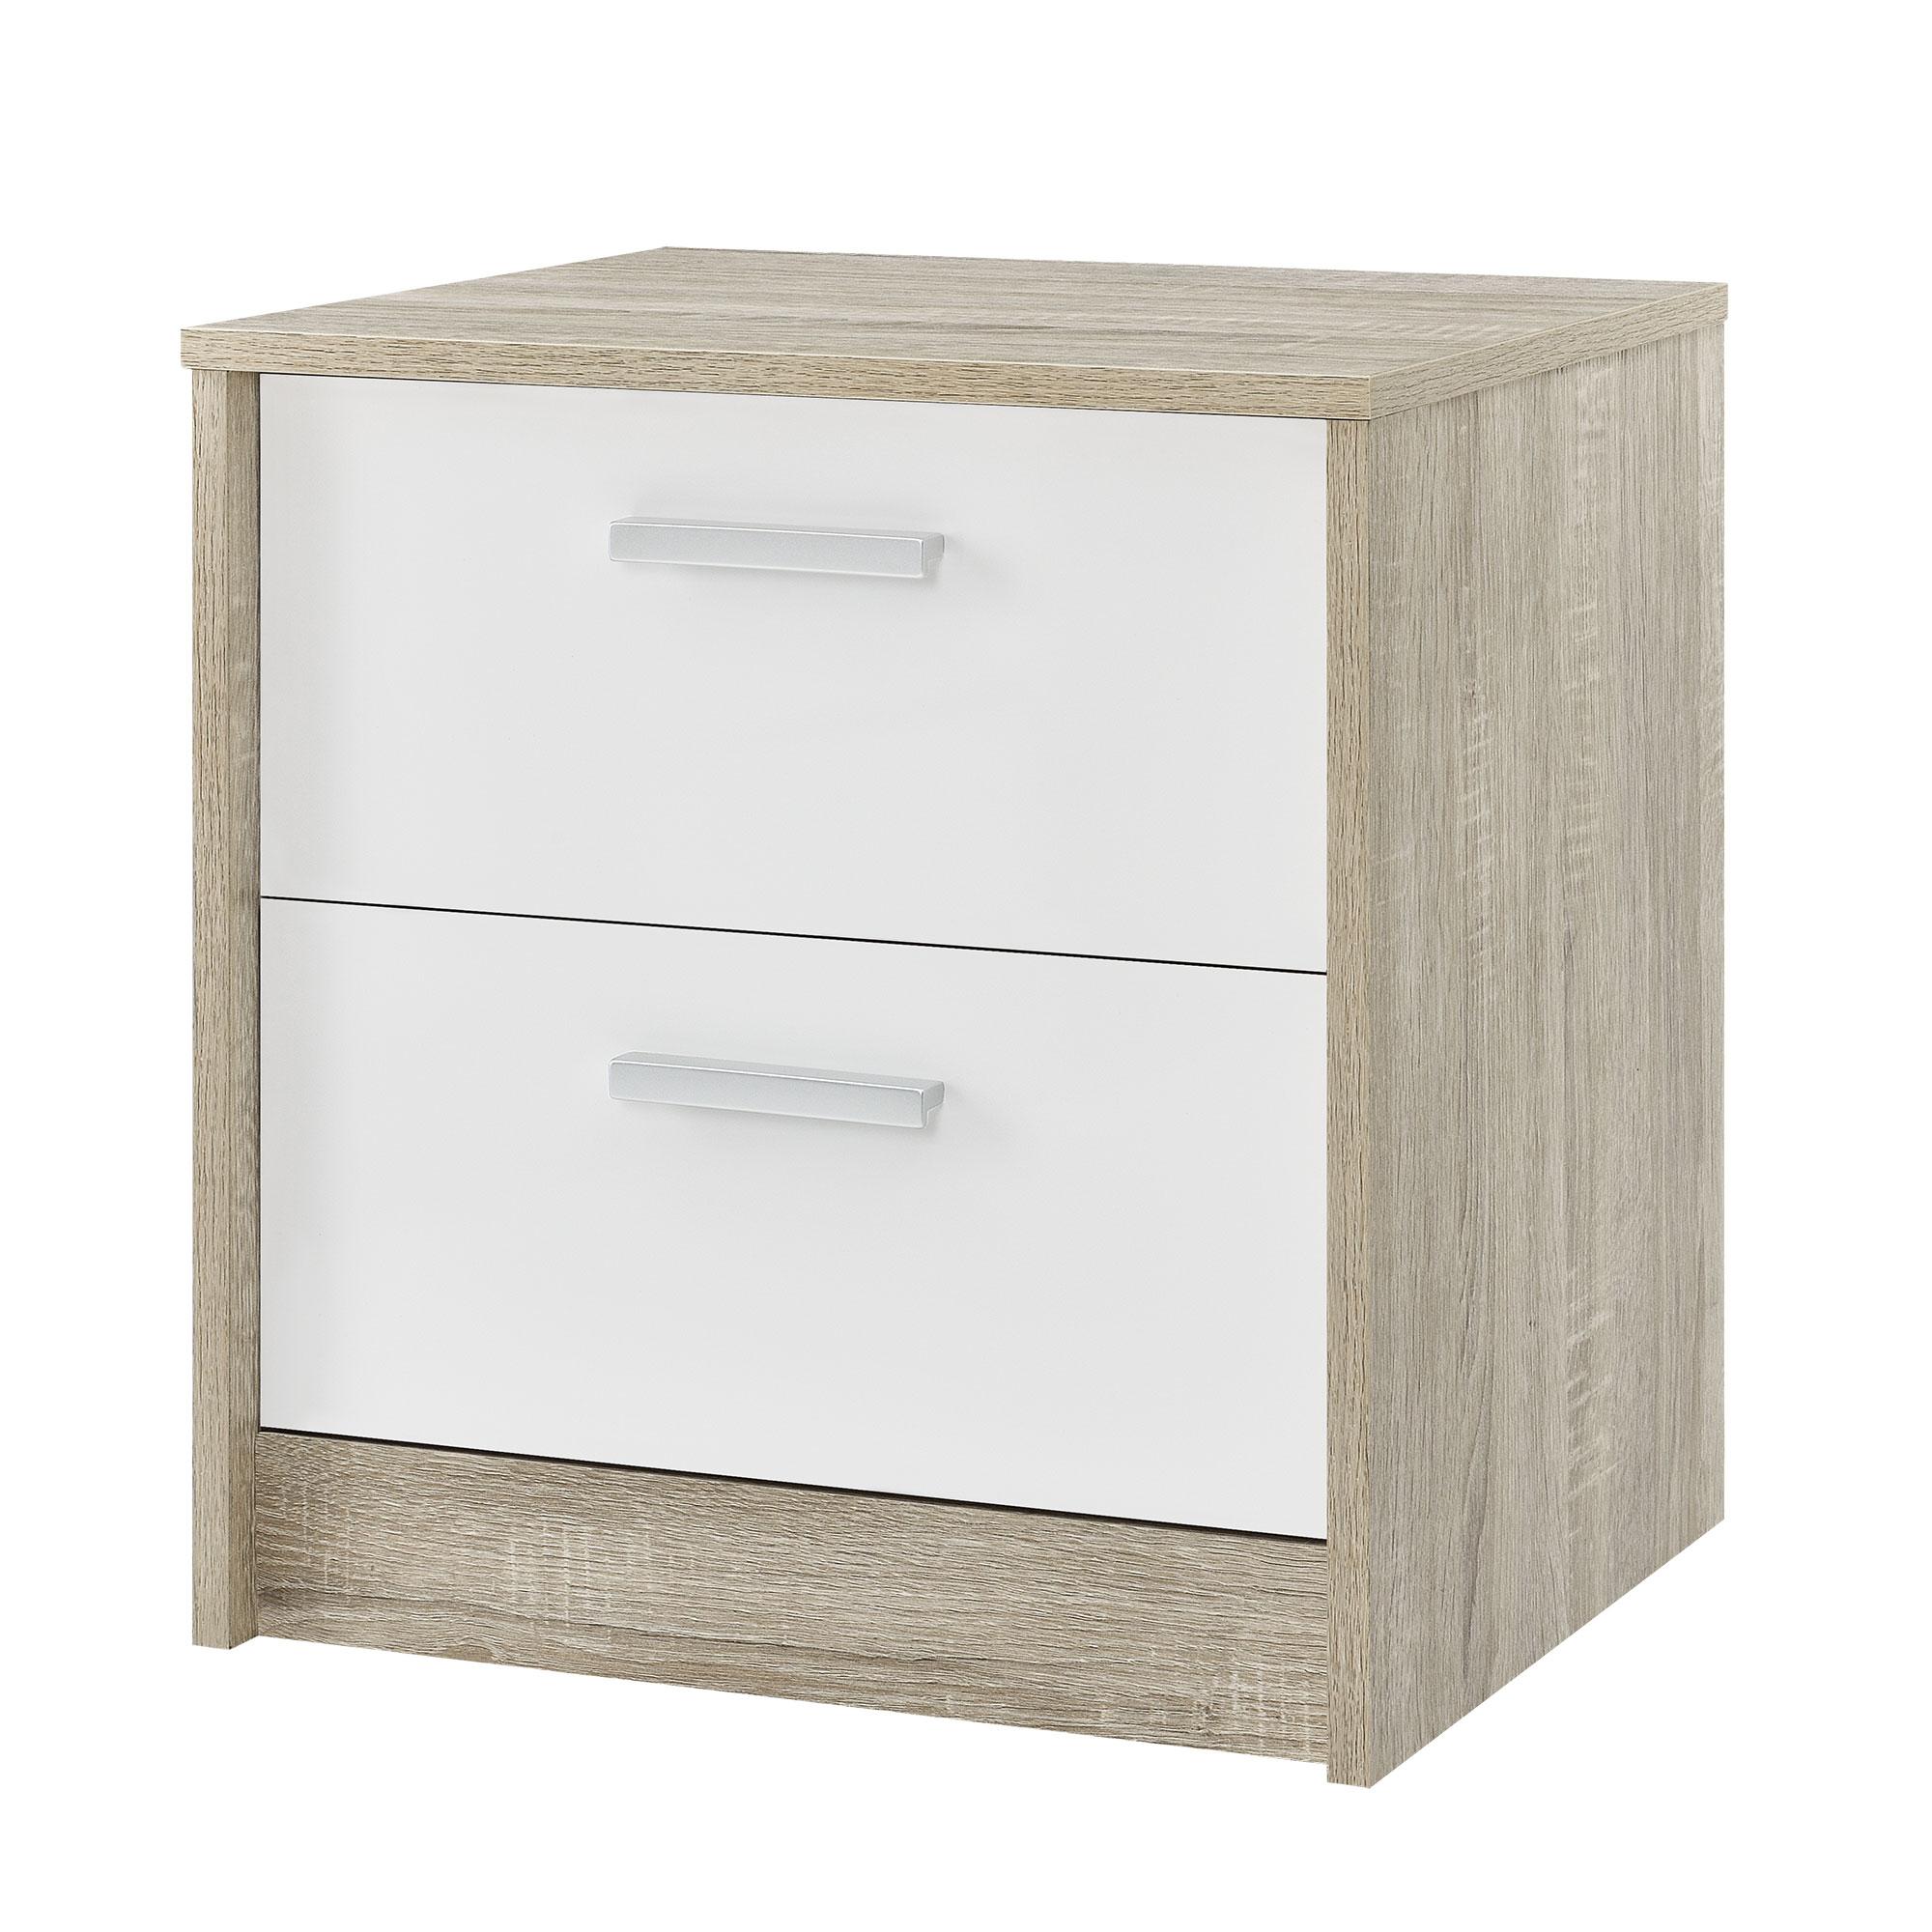 Armario aparador noche escritorio tv banco mesa - Tu armario de la tele ...